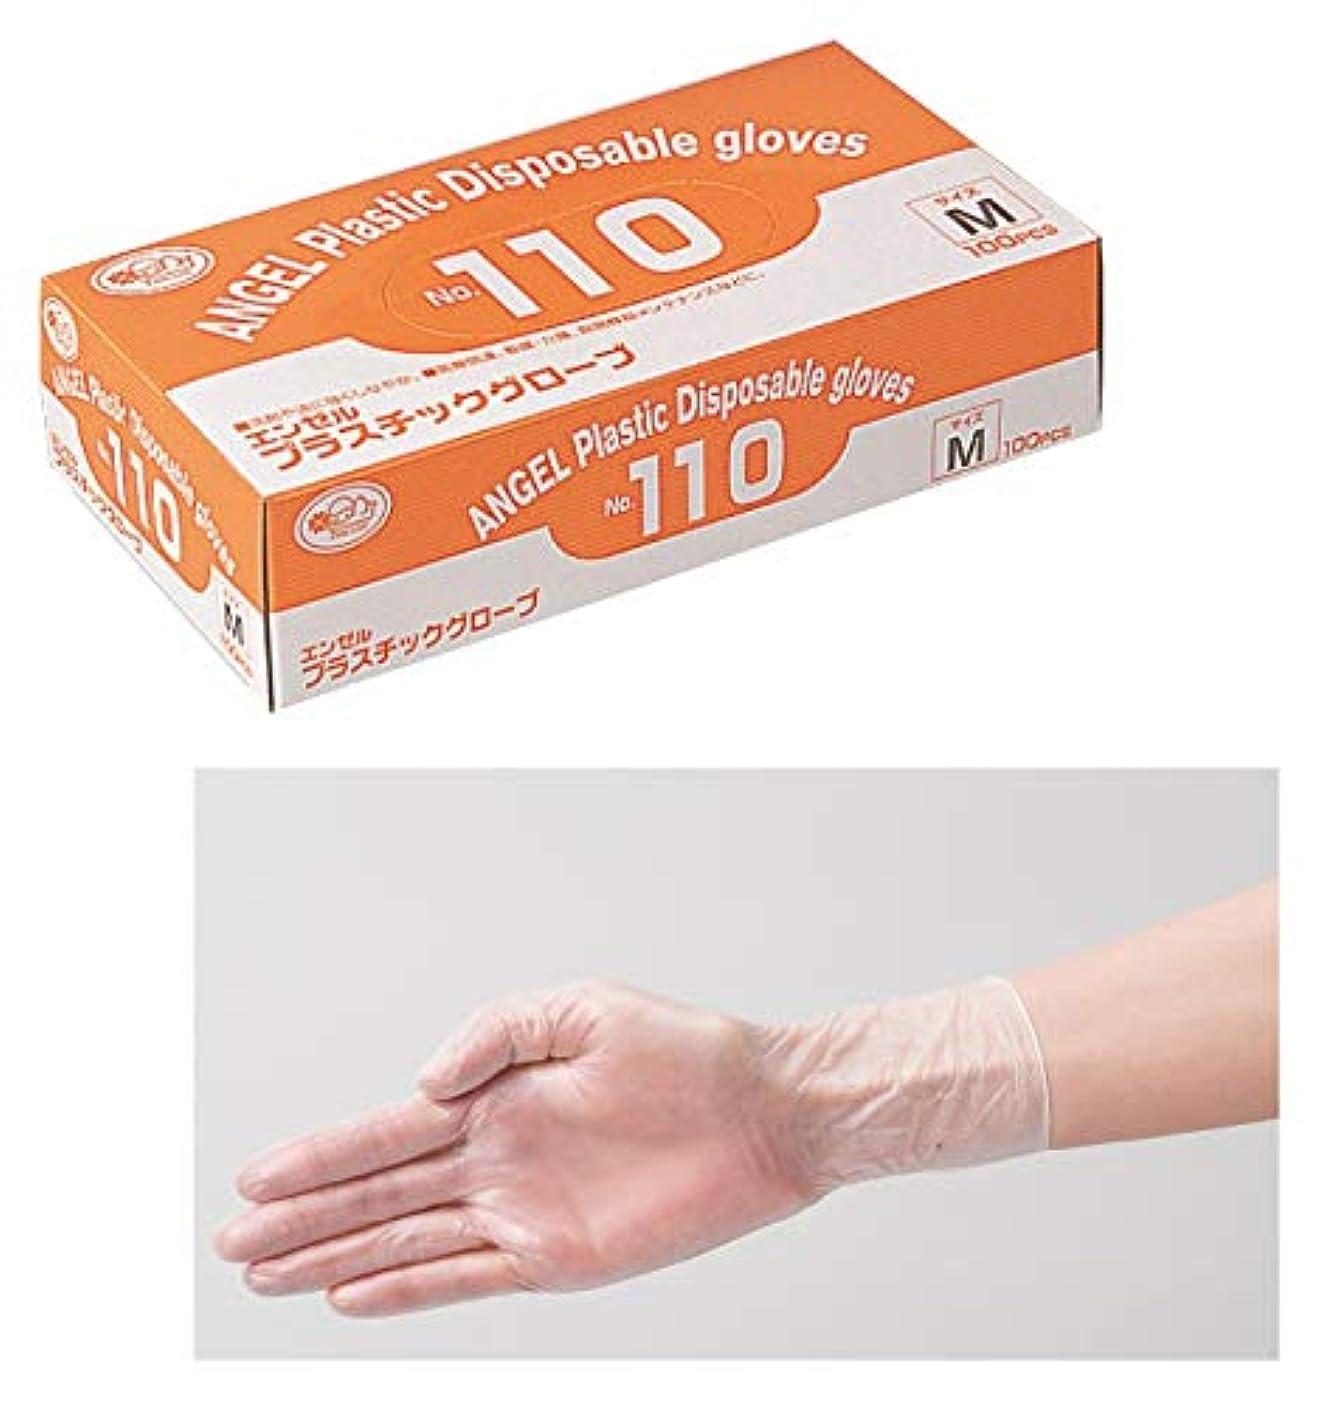 に変わる軽蔑するメトロポリタンサンフラワー No.110 プラスチックグローブ 粉付 100枚入り (L)